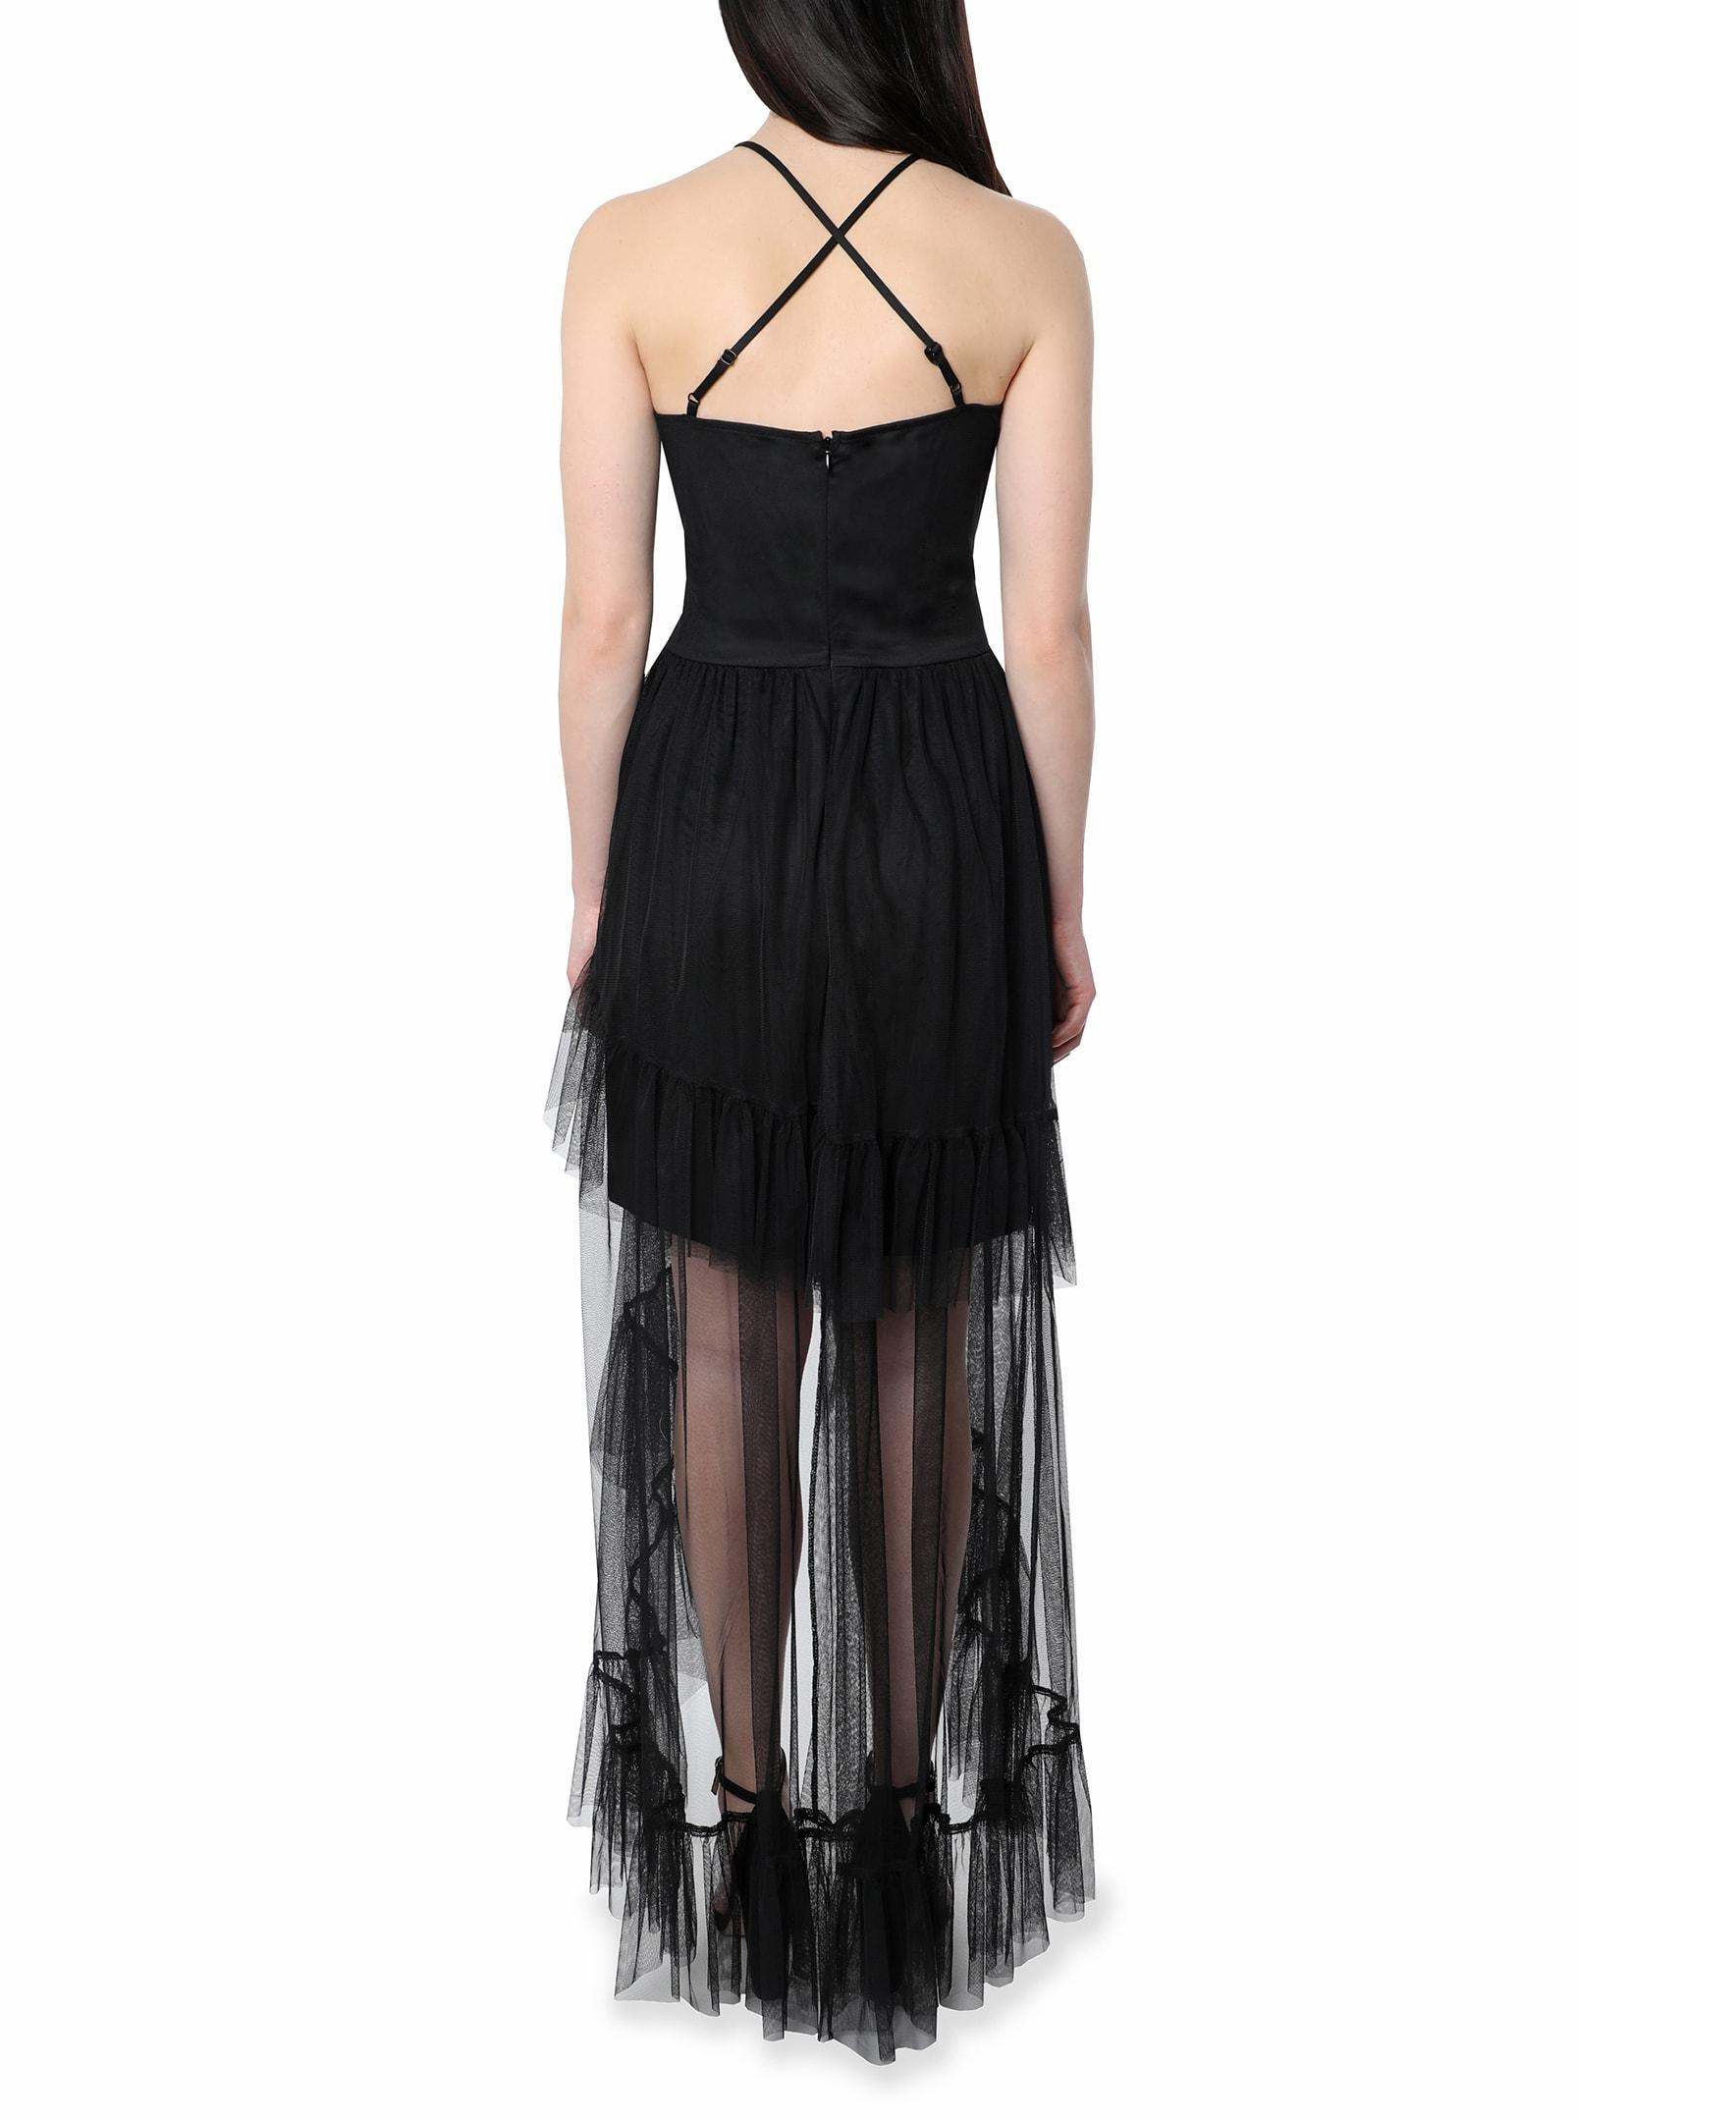 Bebe Halter  Hi Low Gown - black - Back